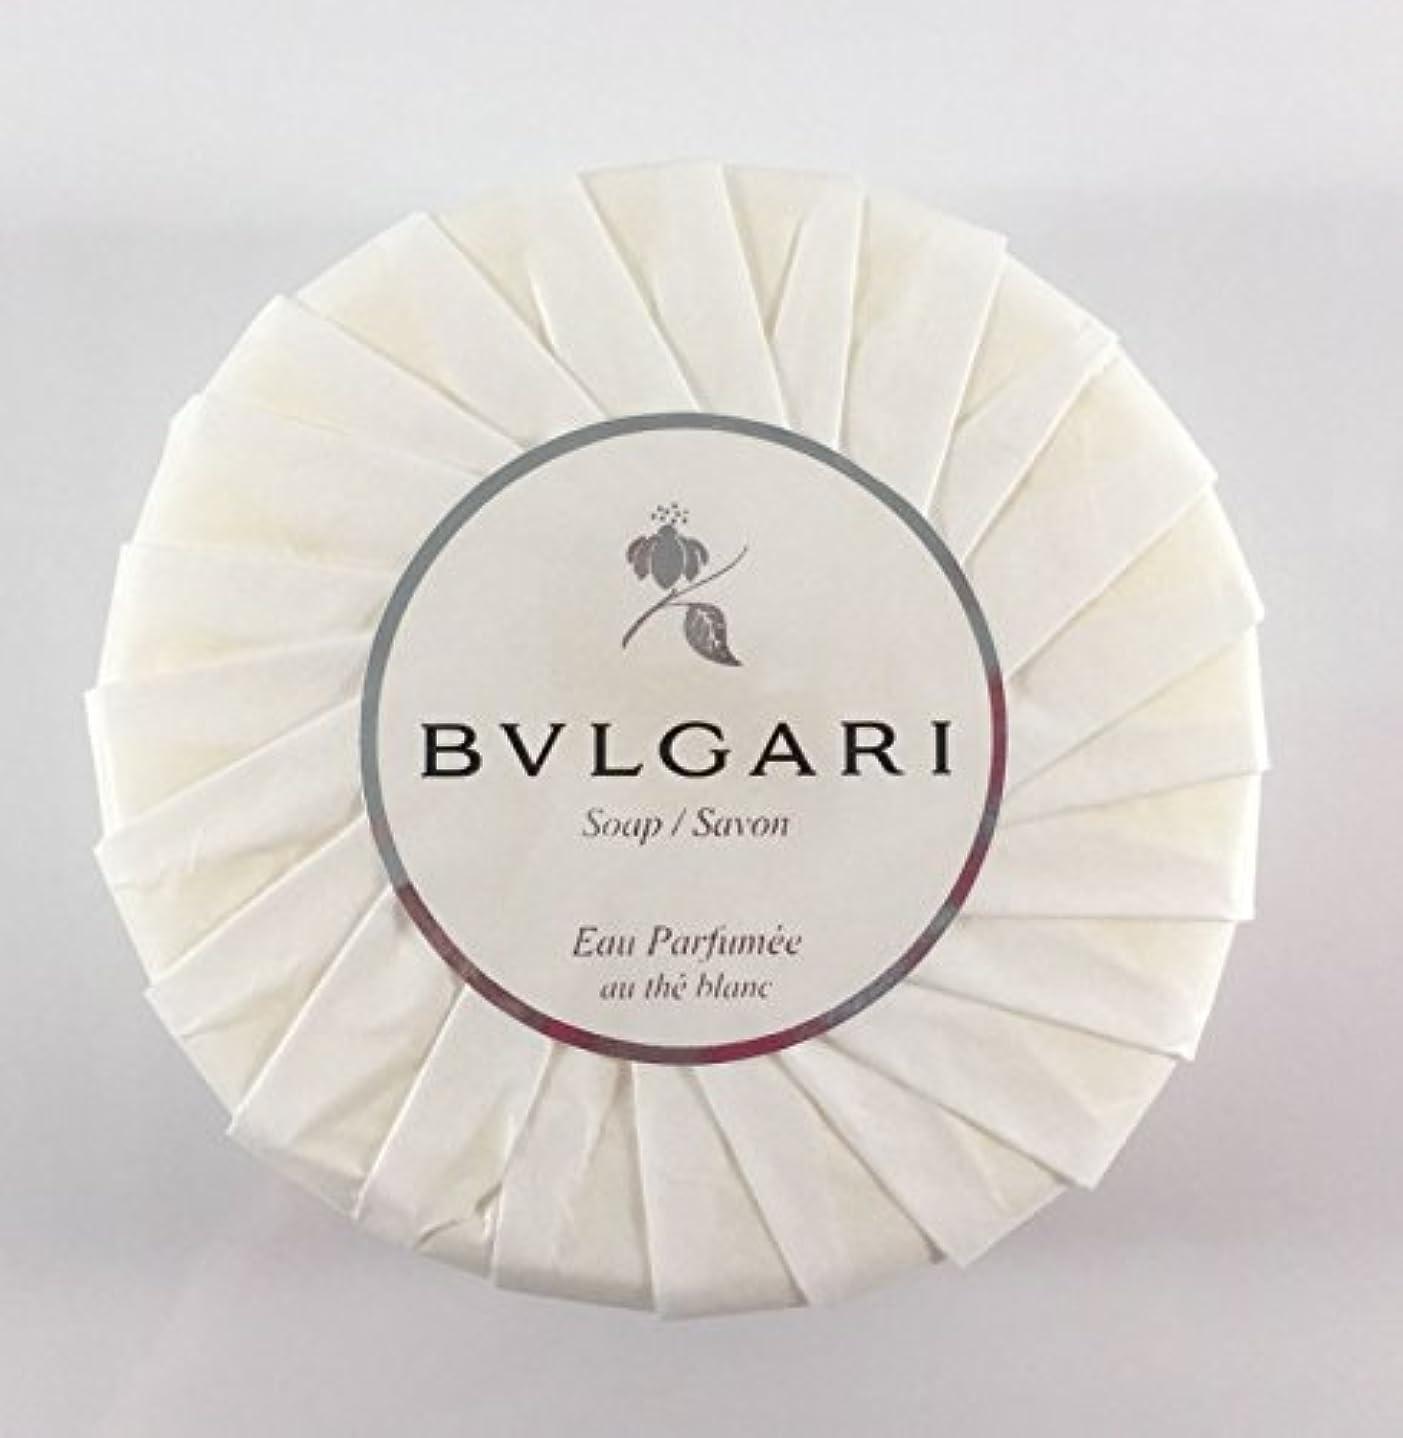 多年生腰に賛成ブルガリ オ?パフメ オーテブラン デラックスソープ150g BVLGARI Bvlgari Eau Parfumee au the blanc White Soap